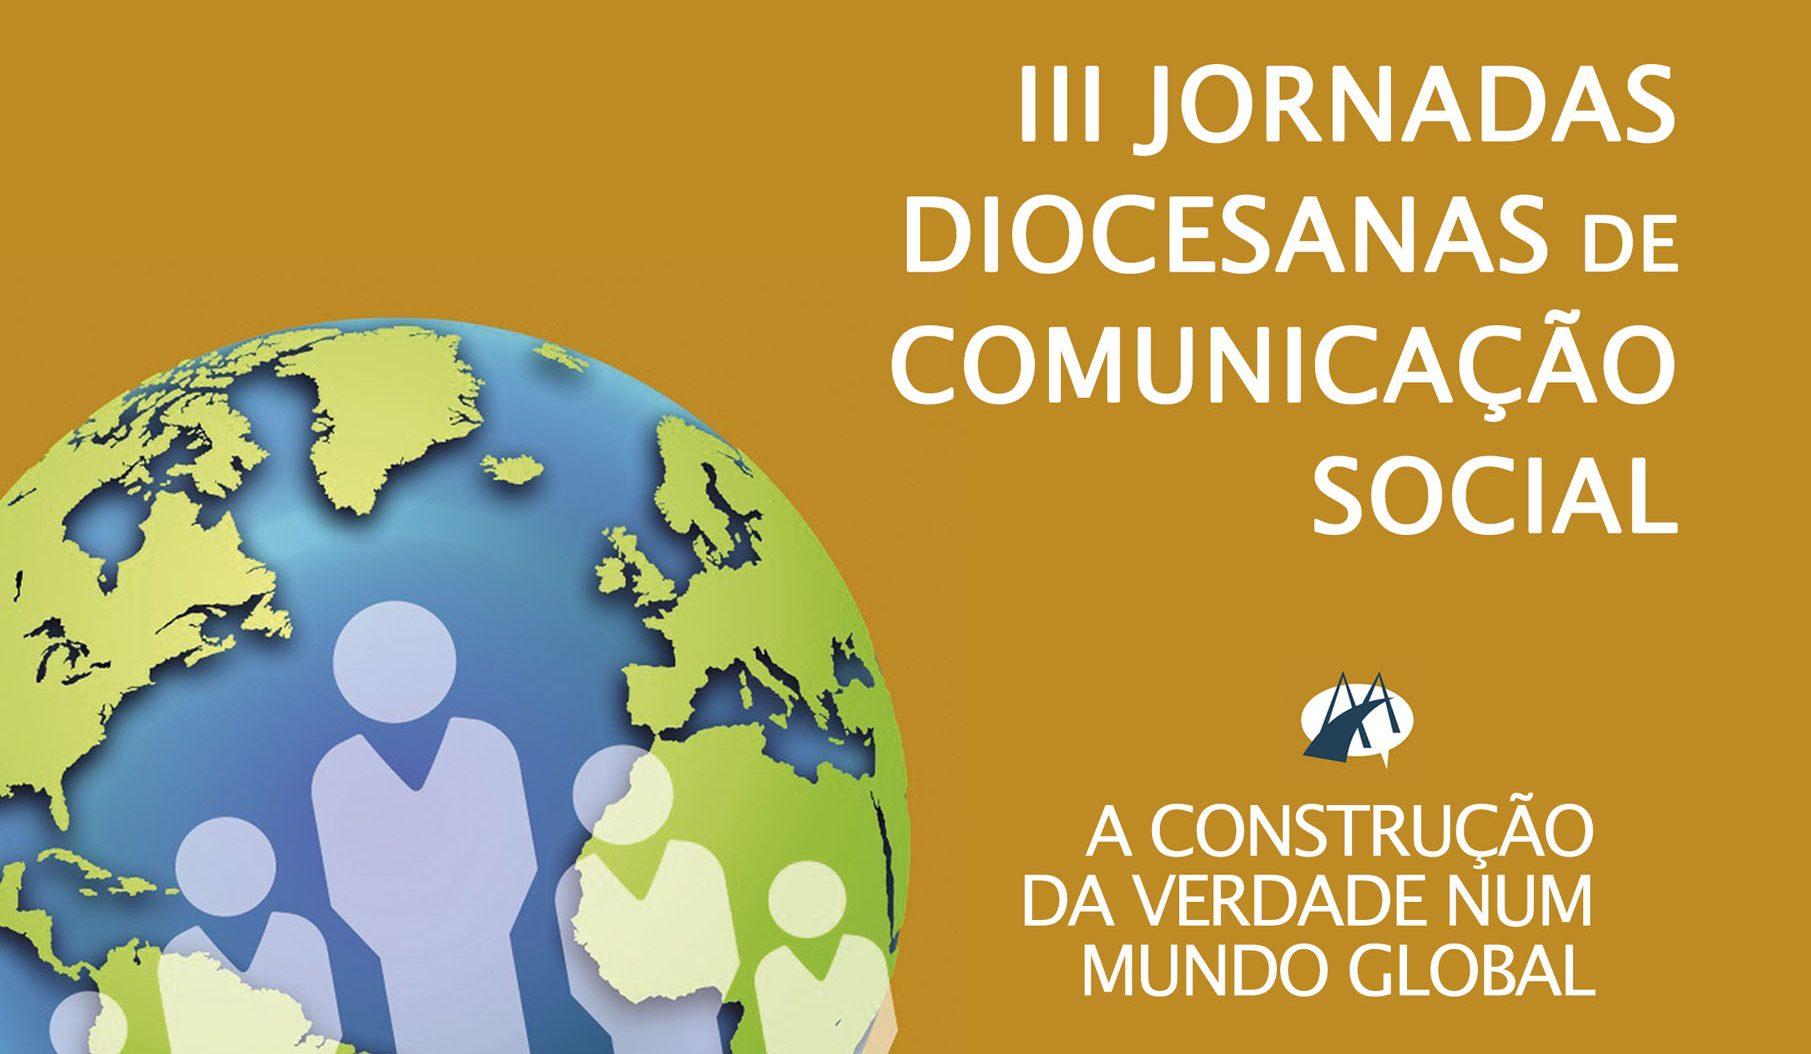 Museu do Pico acolhe Jornadas Diocesanas de Comunicação